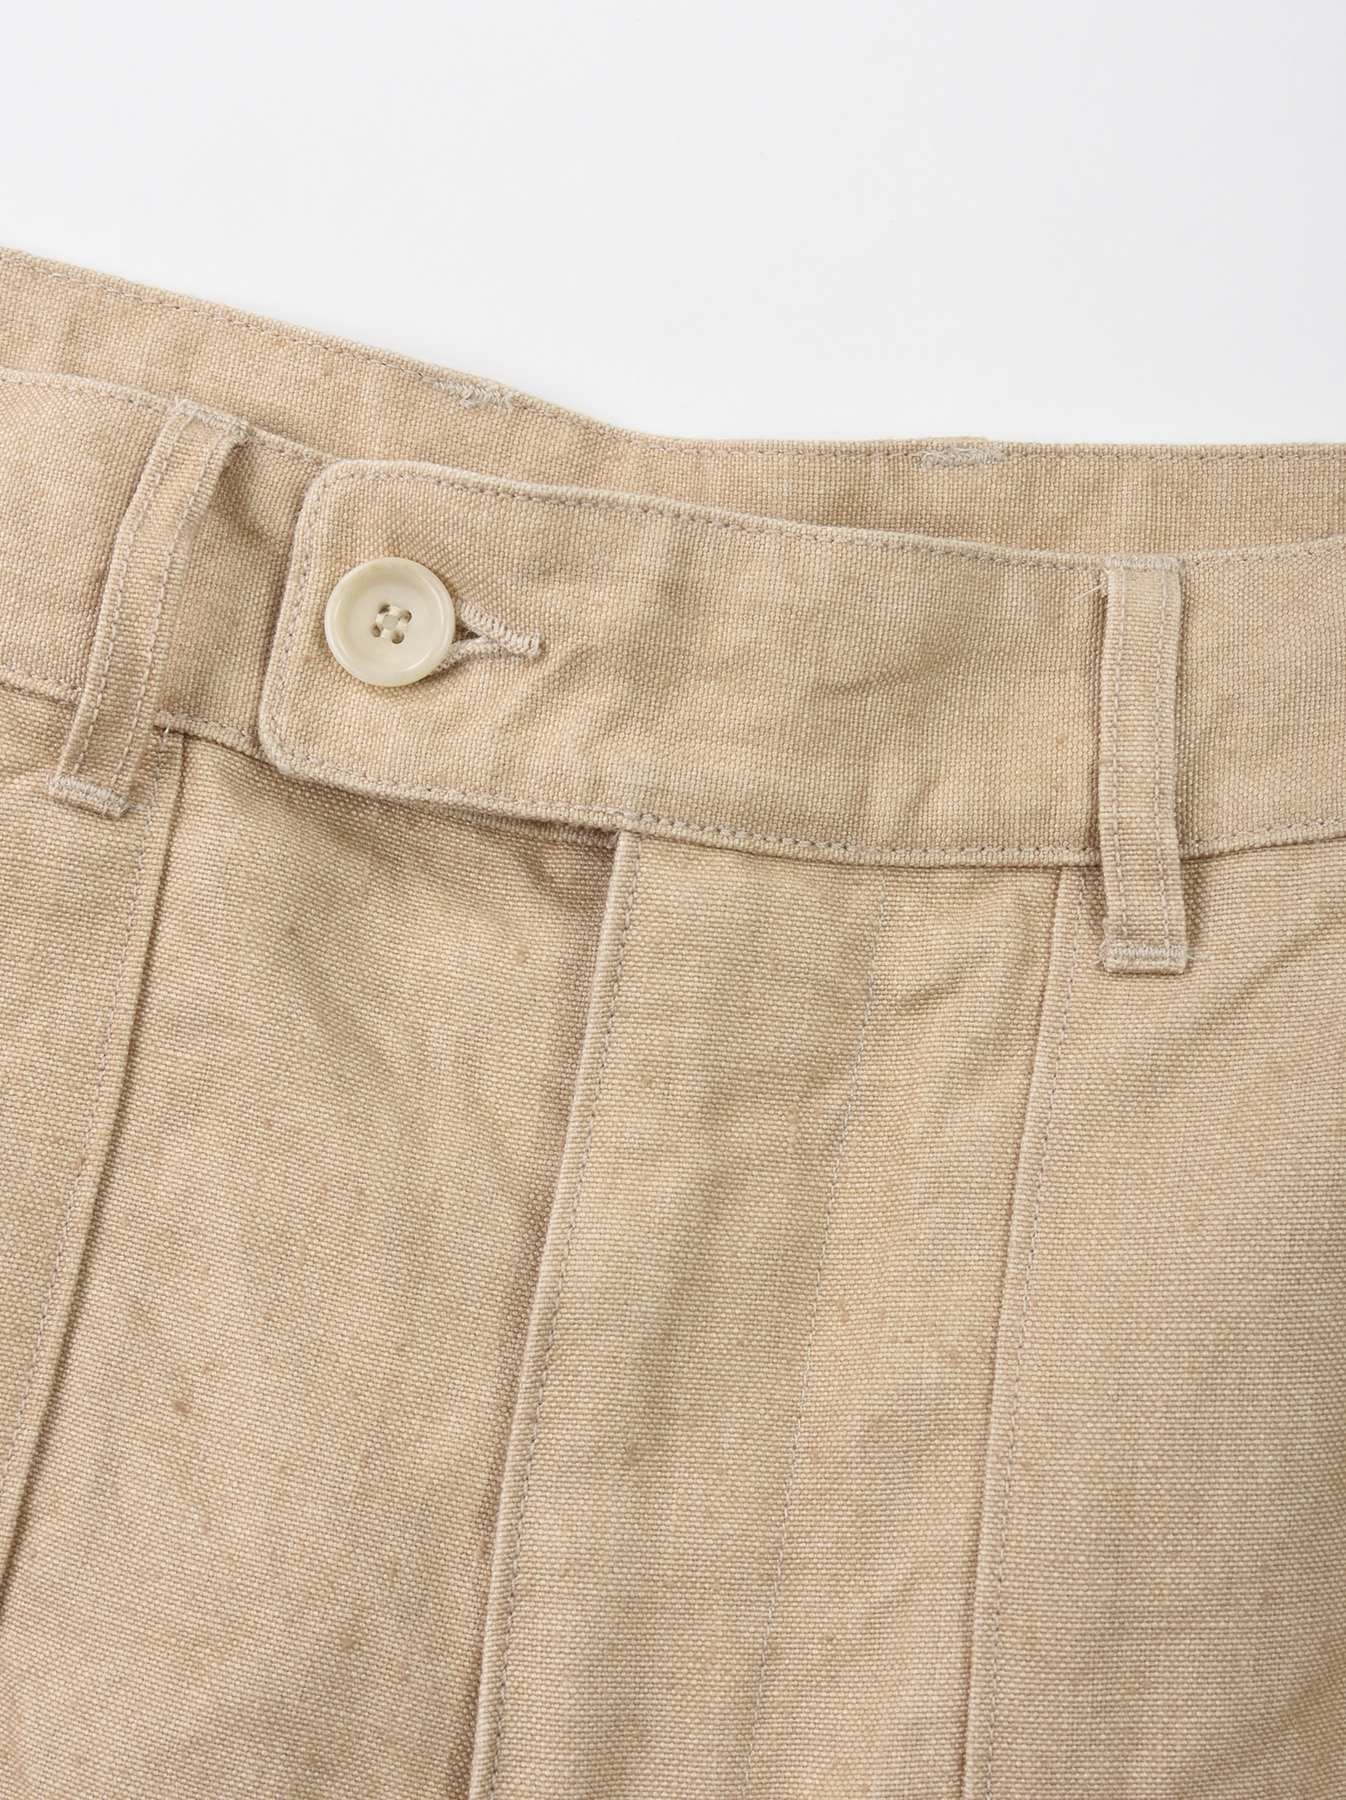 Linen Duck 908 Baker Pants-10